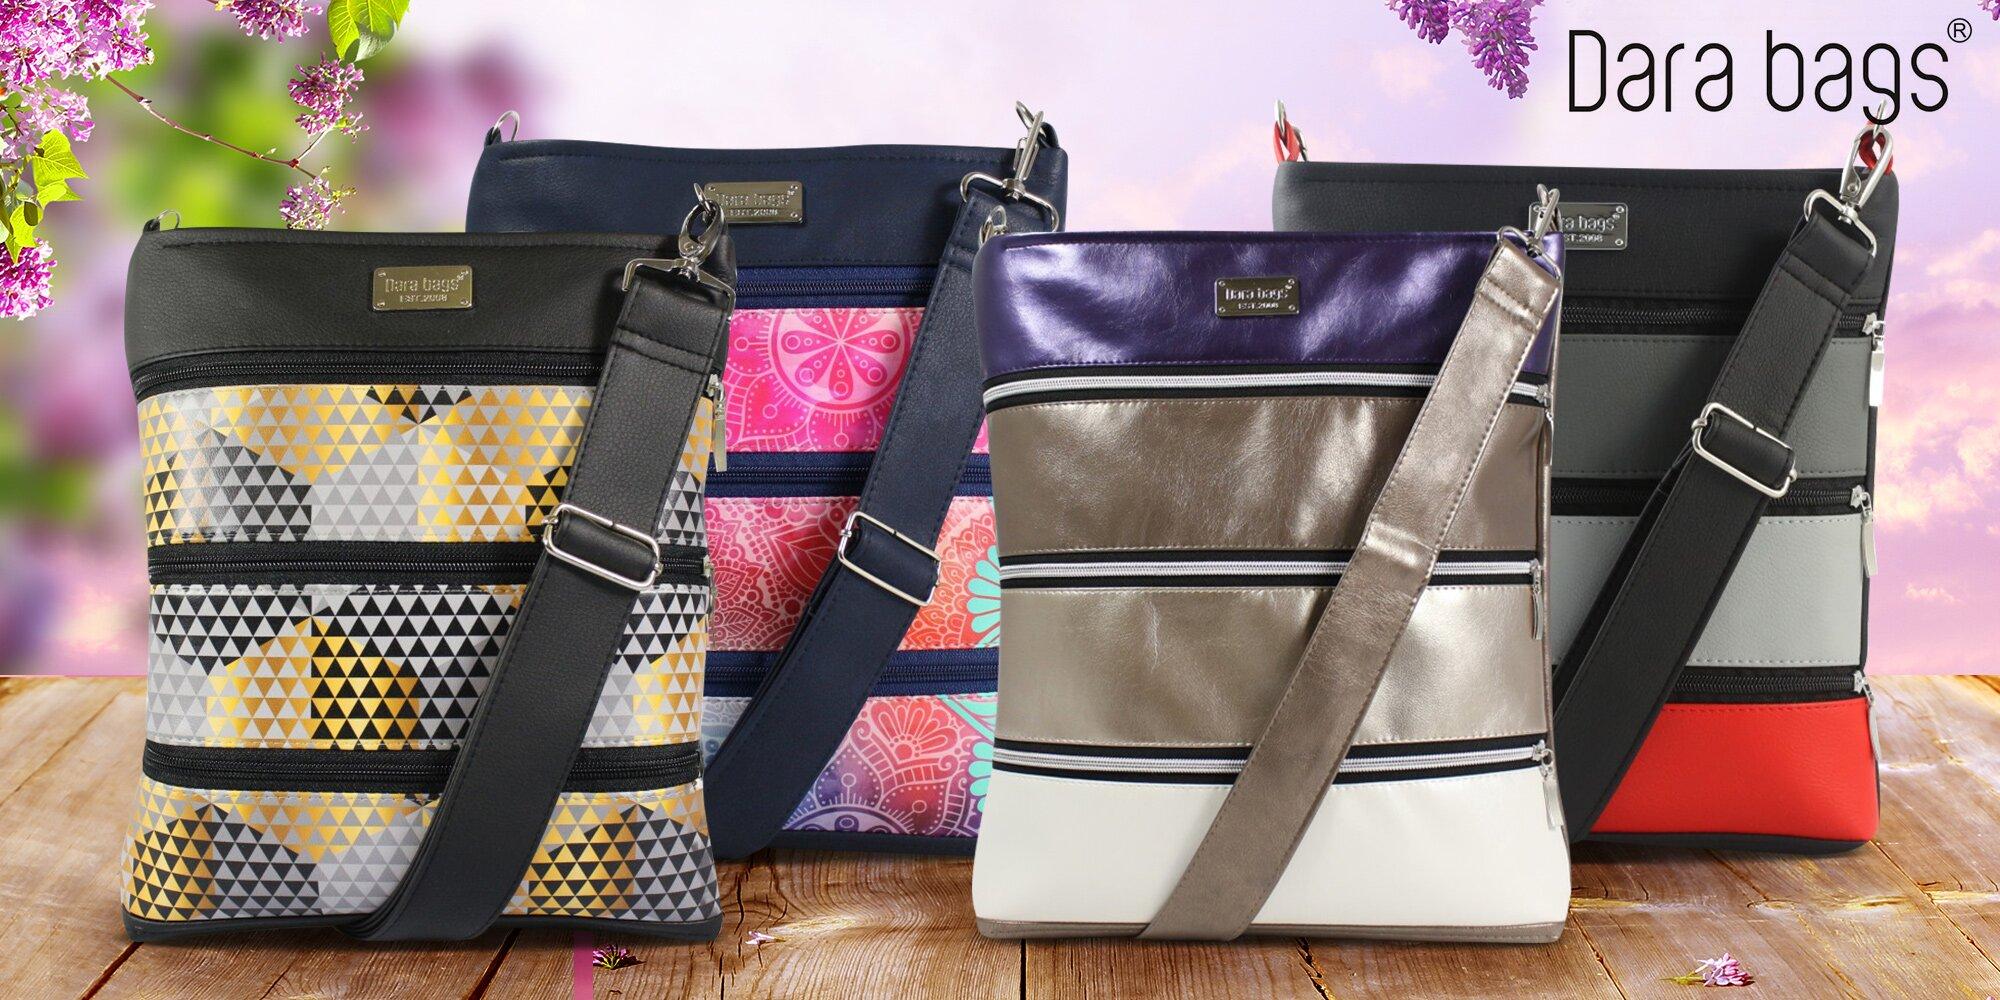 ca3ed9973a Originální ručně šité kabelky Dara bags